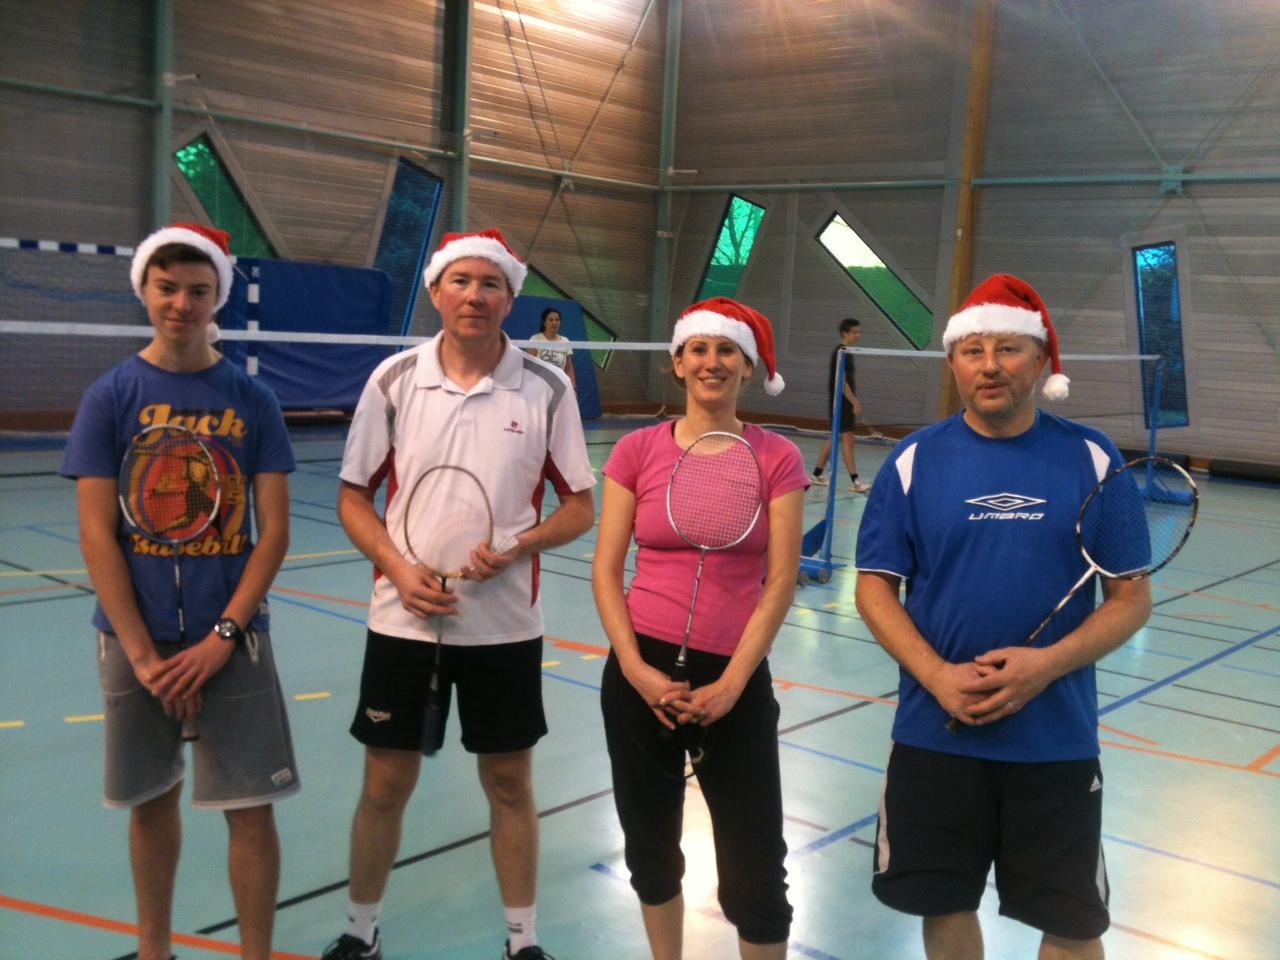 gagnant tournoi badminton Lesquin 07/12/2014